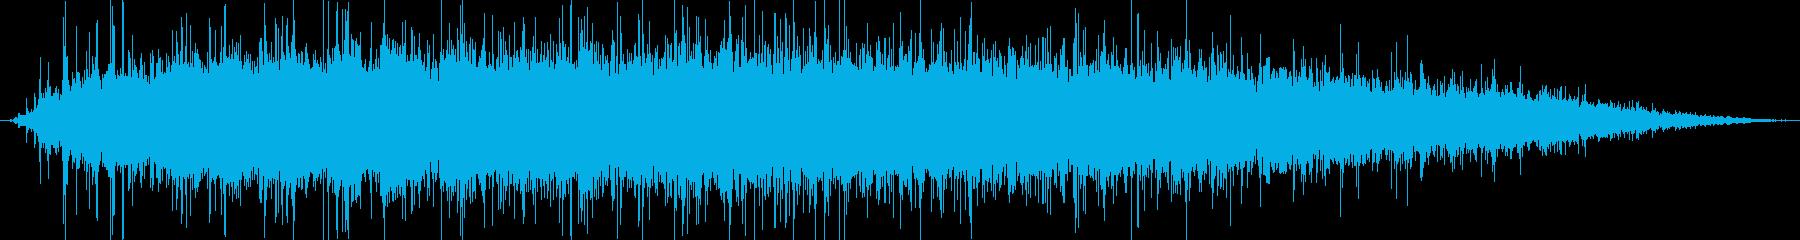 中屋内観客:クラシックコンサートホ...の再生済みの波形